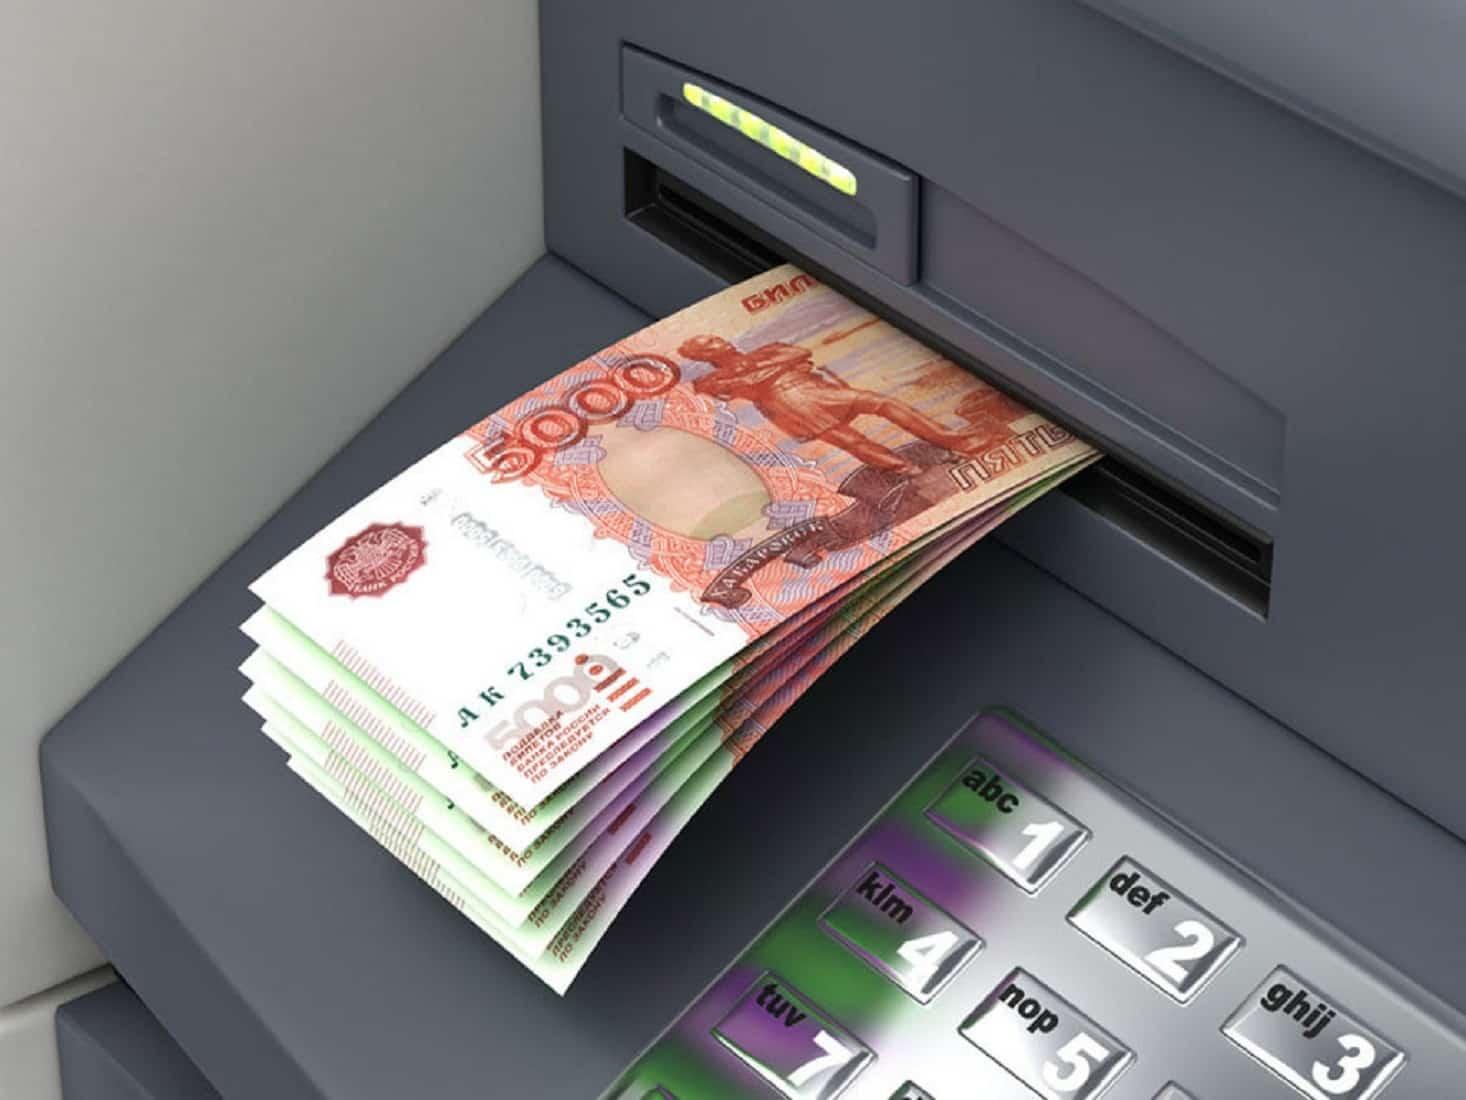 Правила регламентирующие расчет наличными обновлены Центробанком в 2020 году